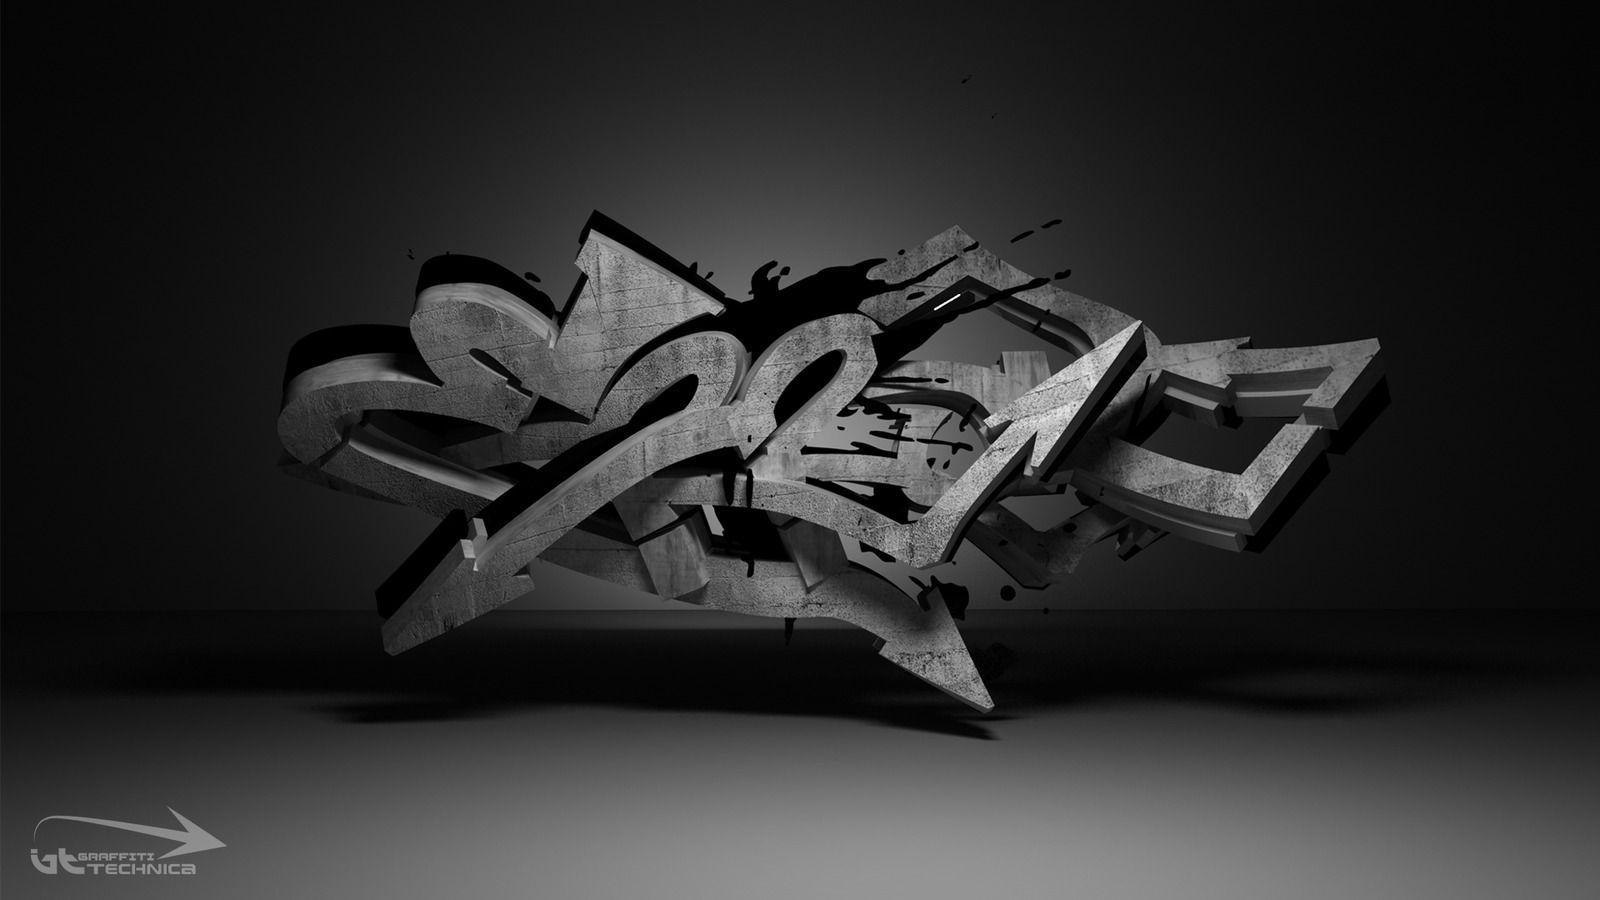 IMG-×-wallpaper-wpt7006025